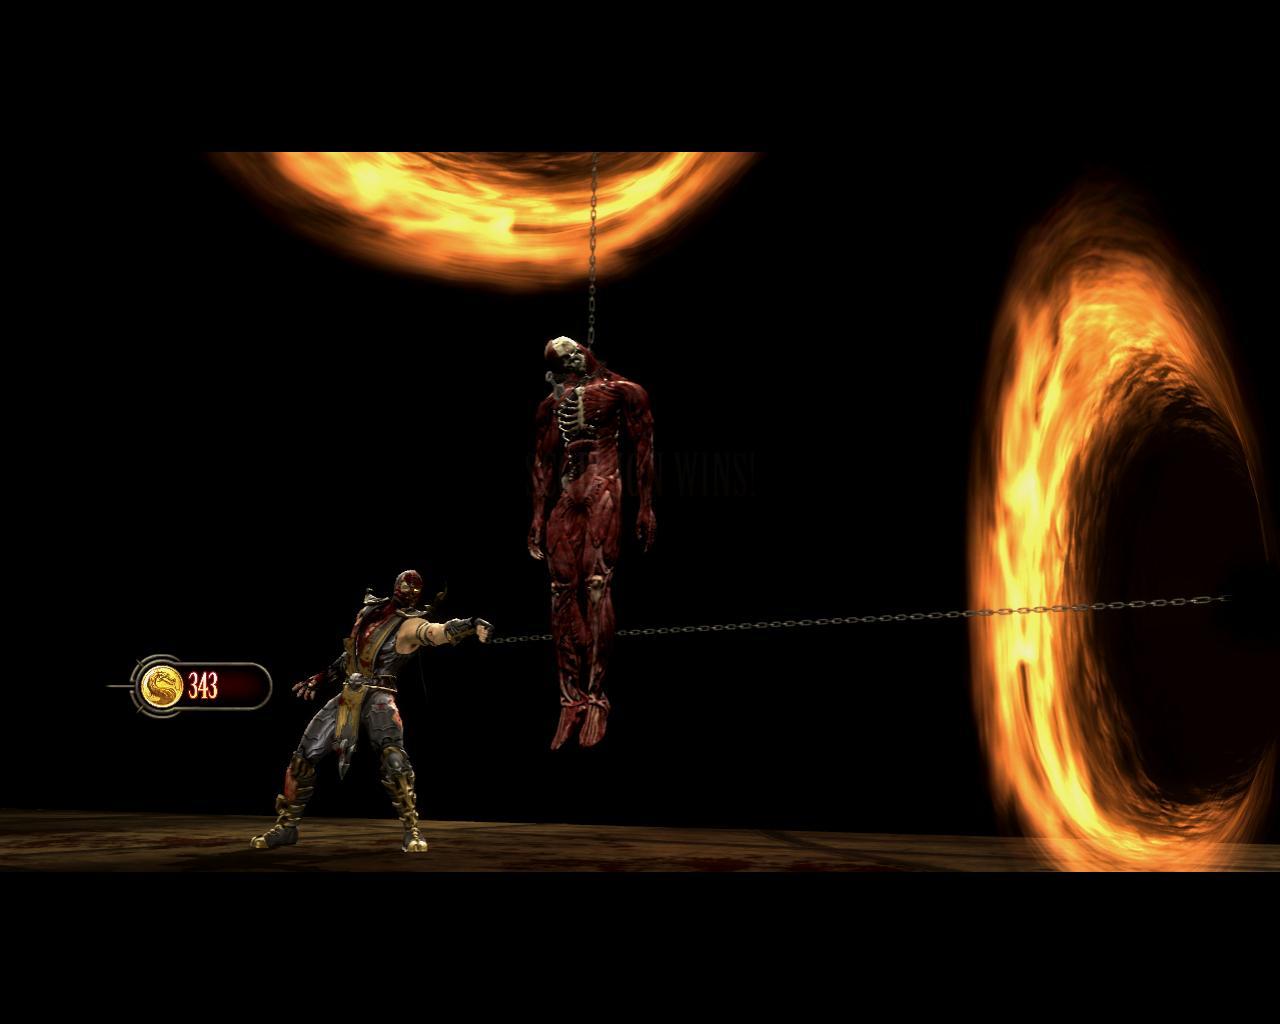 یکی از Fatality های خونین Scorpion